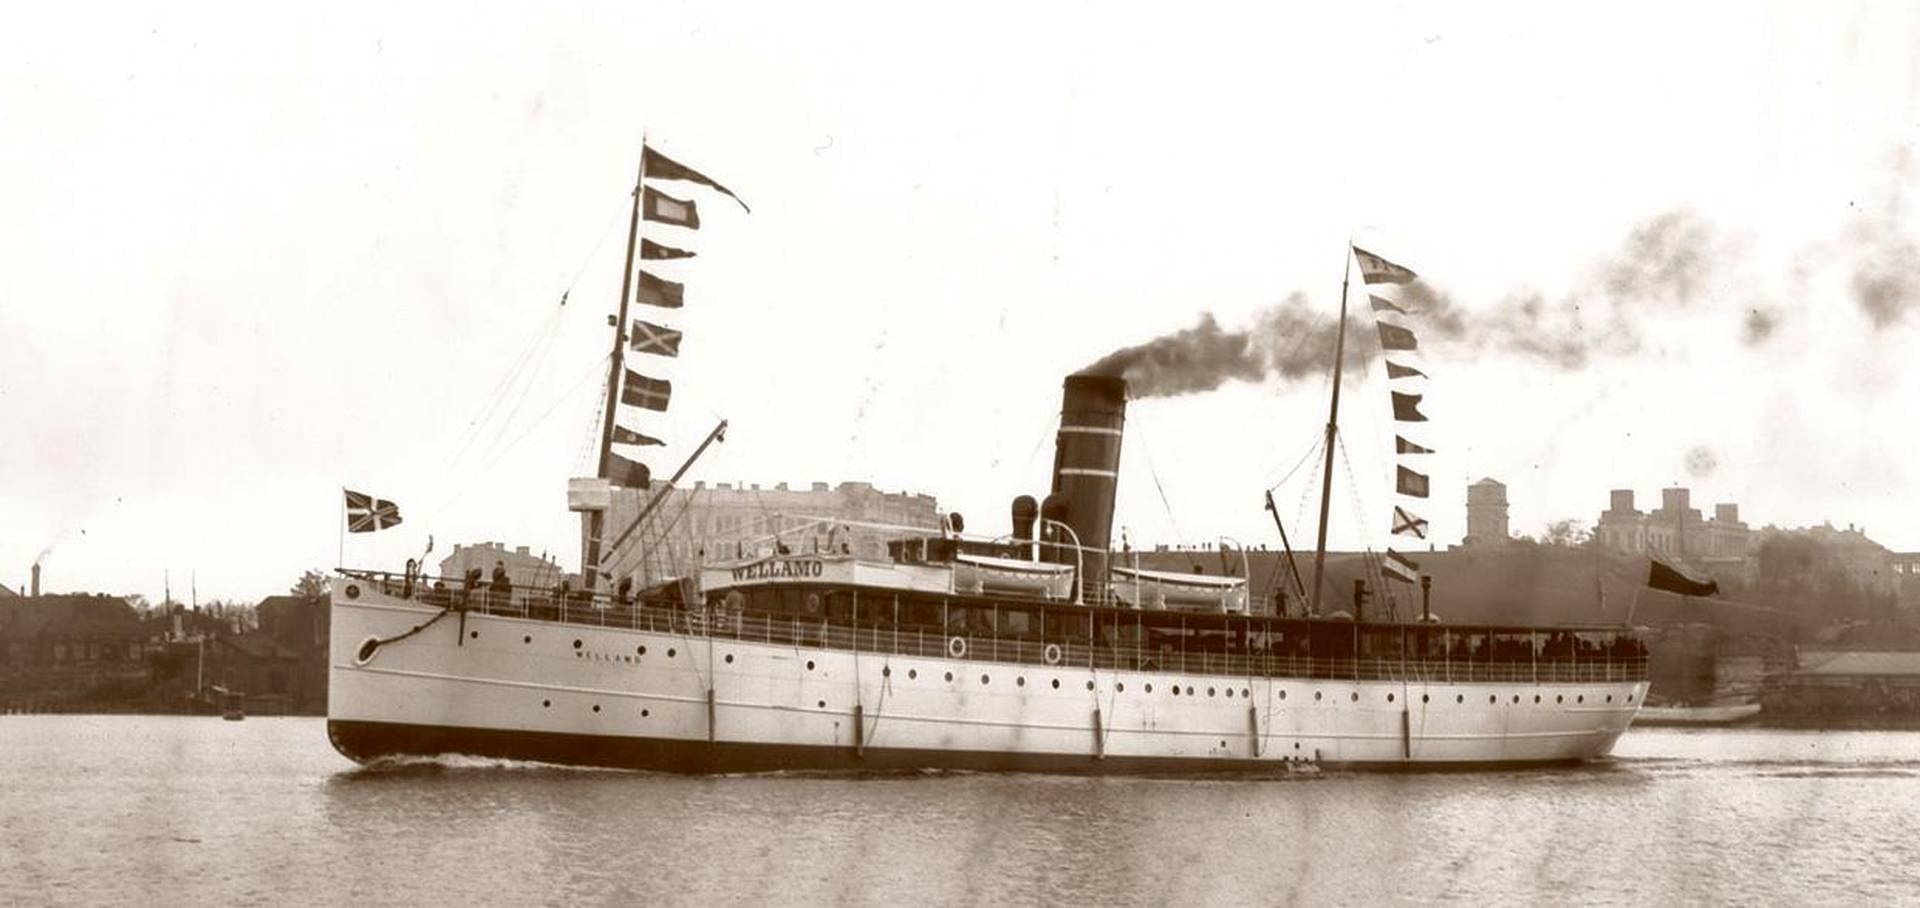 Tukholma–Turku–Helsinki–Pietari–Tallinna-reitillä liikennöinyt matkustajalaiva s/s Wellamo lähdössä Eteläsatamasta Helsingistä. Laiva valmistui 1898.